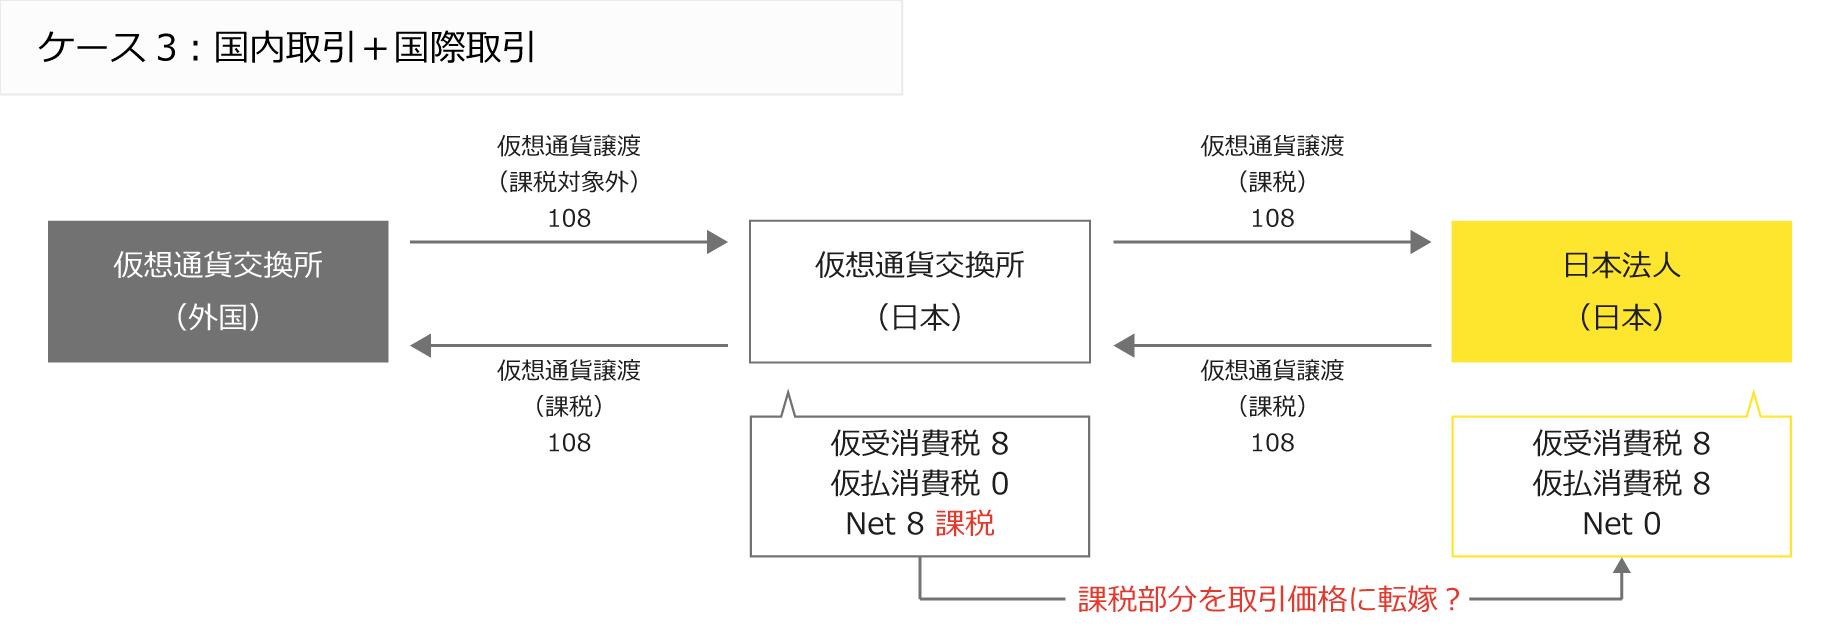 ケース3:国内取引+国際取引/外国仮想通貨交換所と国内仮想通貨交換所と日本法人の間の仮想通過譲渡